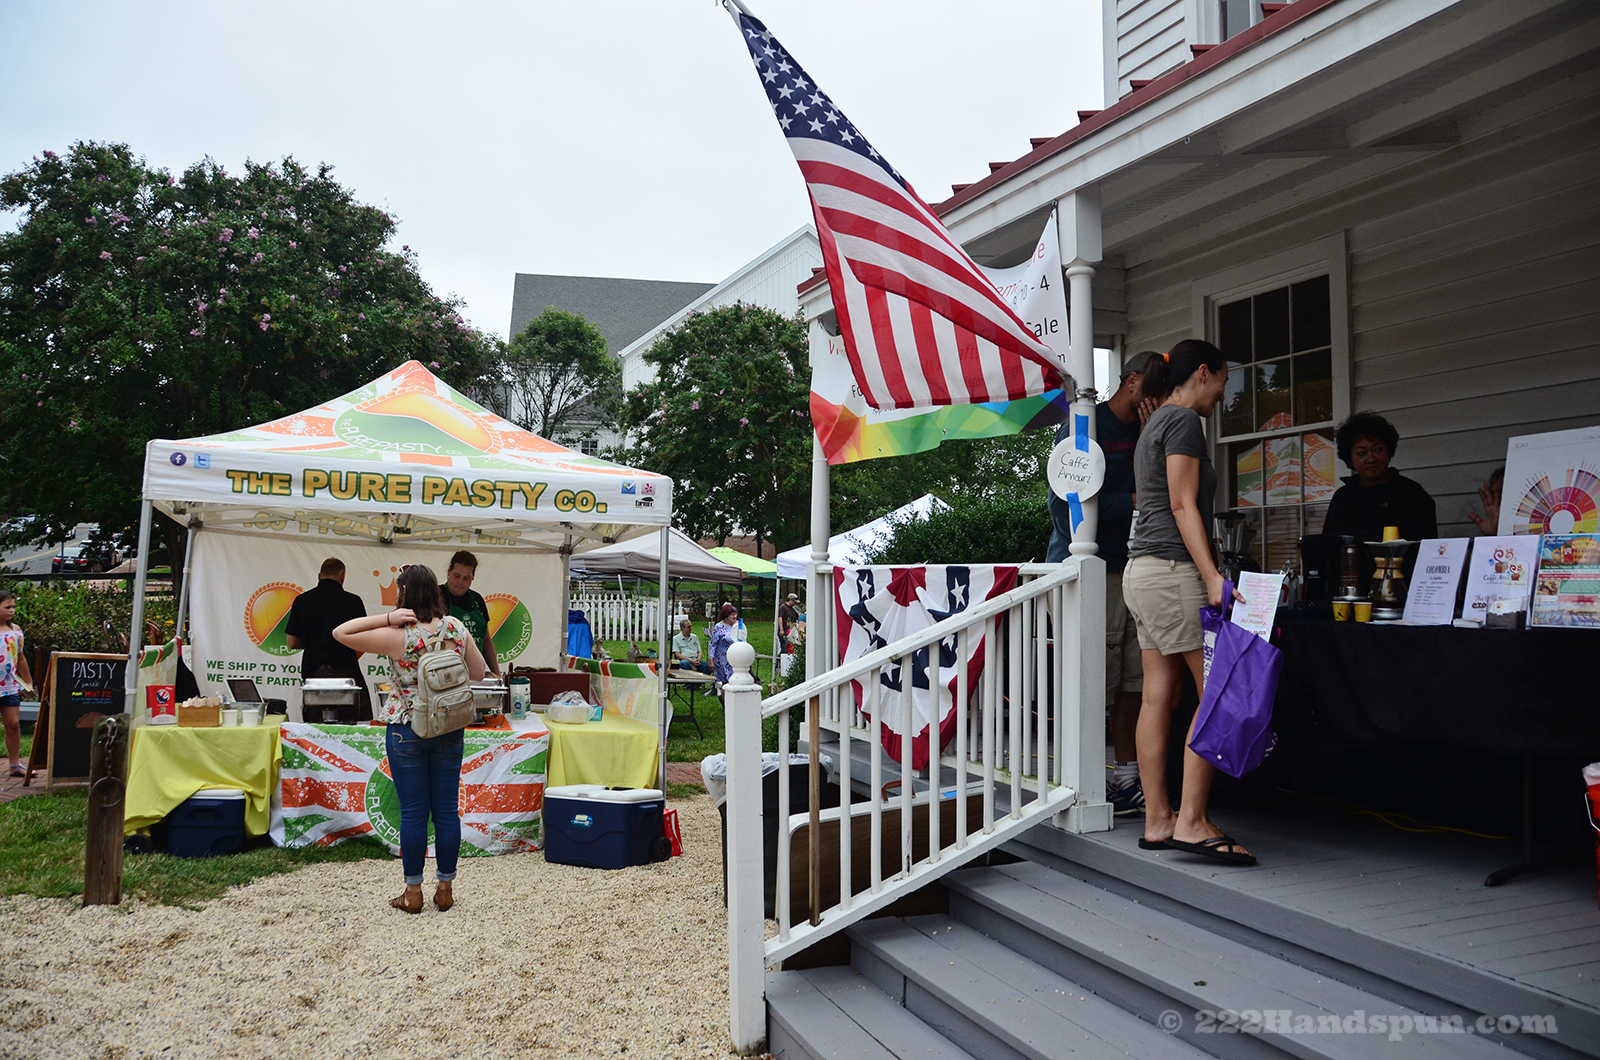 Vendors at the Market